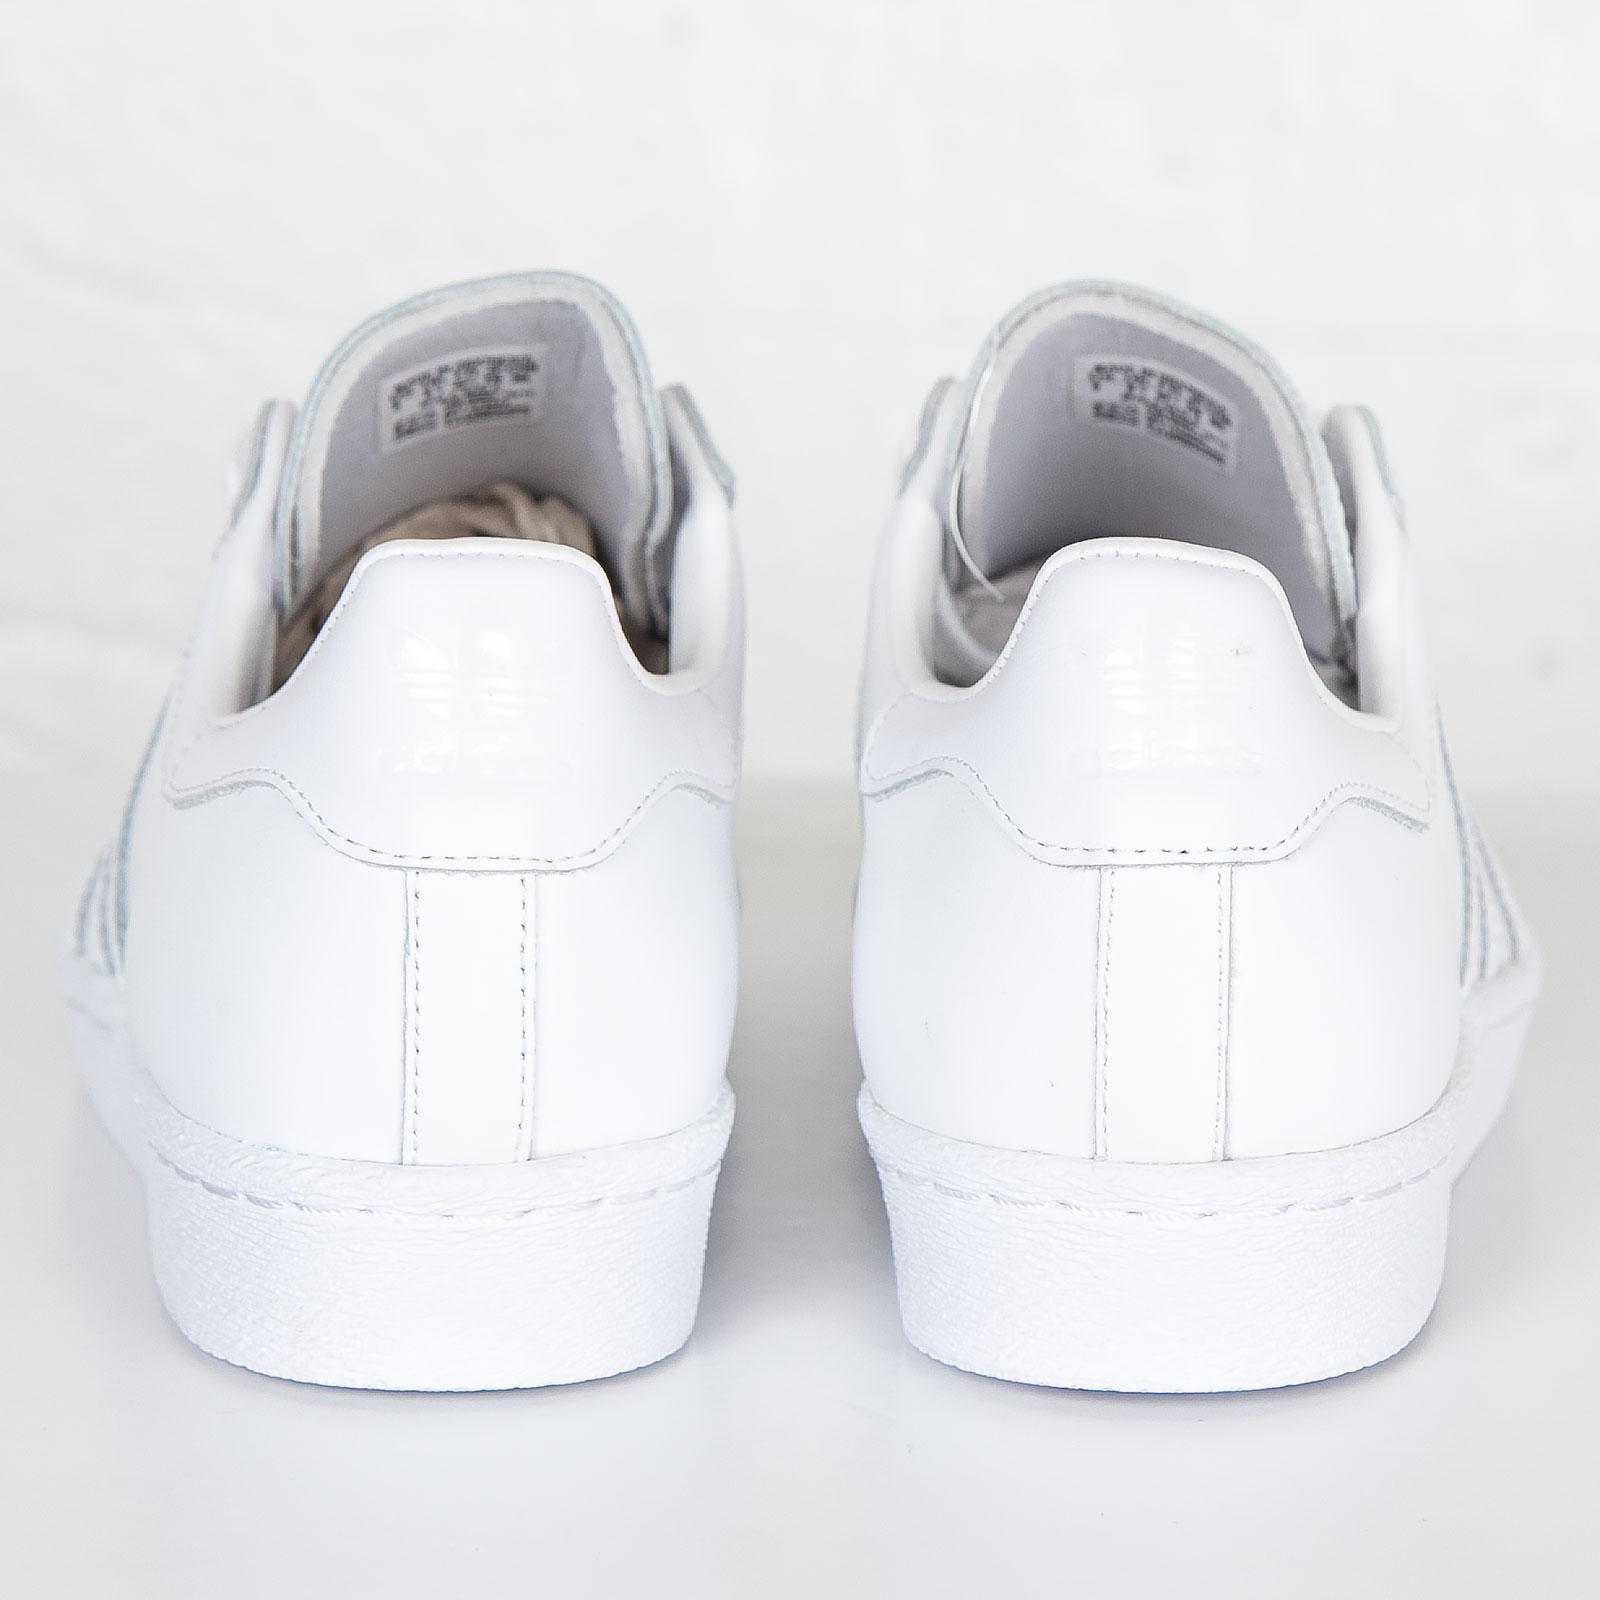 best website 8713d 86e7d adidas Superstar 80s - S79443 - Sneakersnstuff   sneakers ...